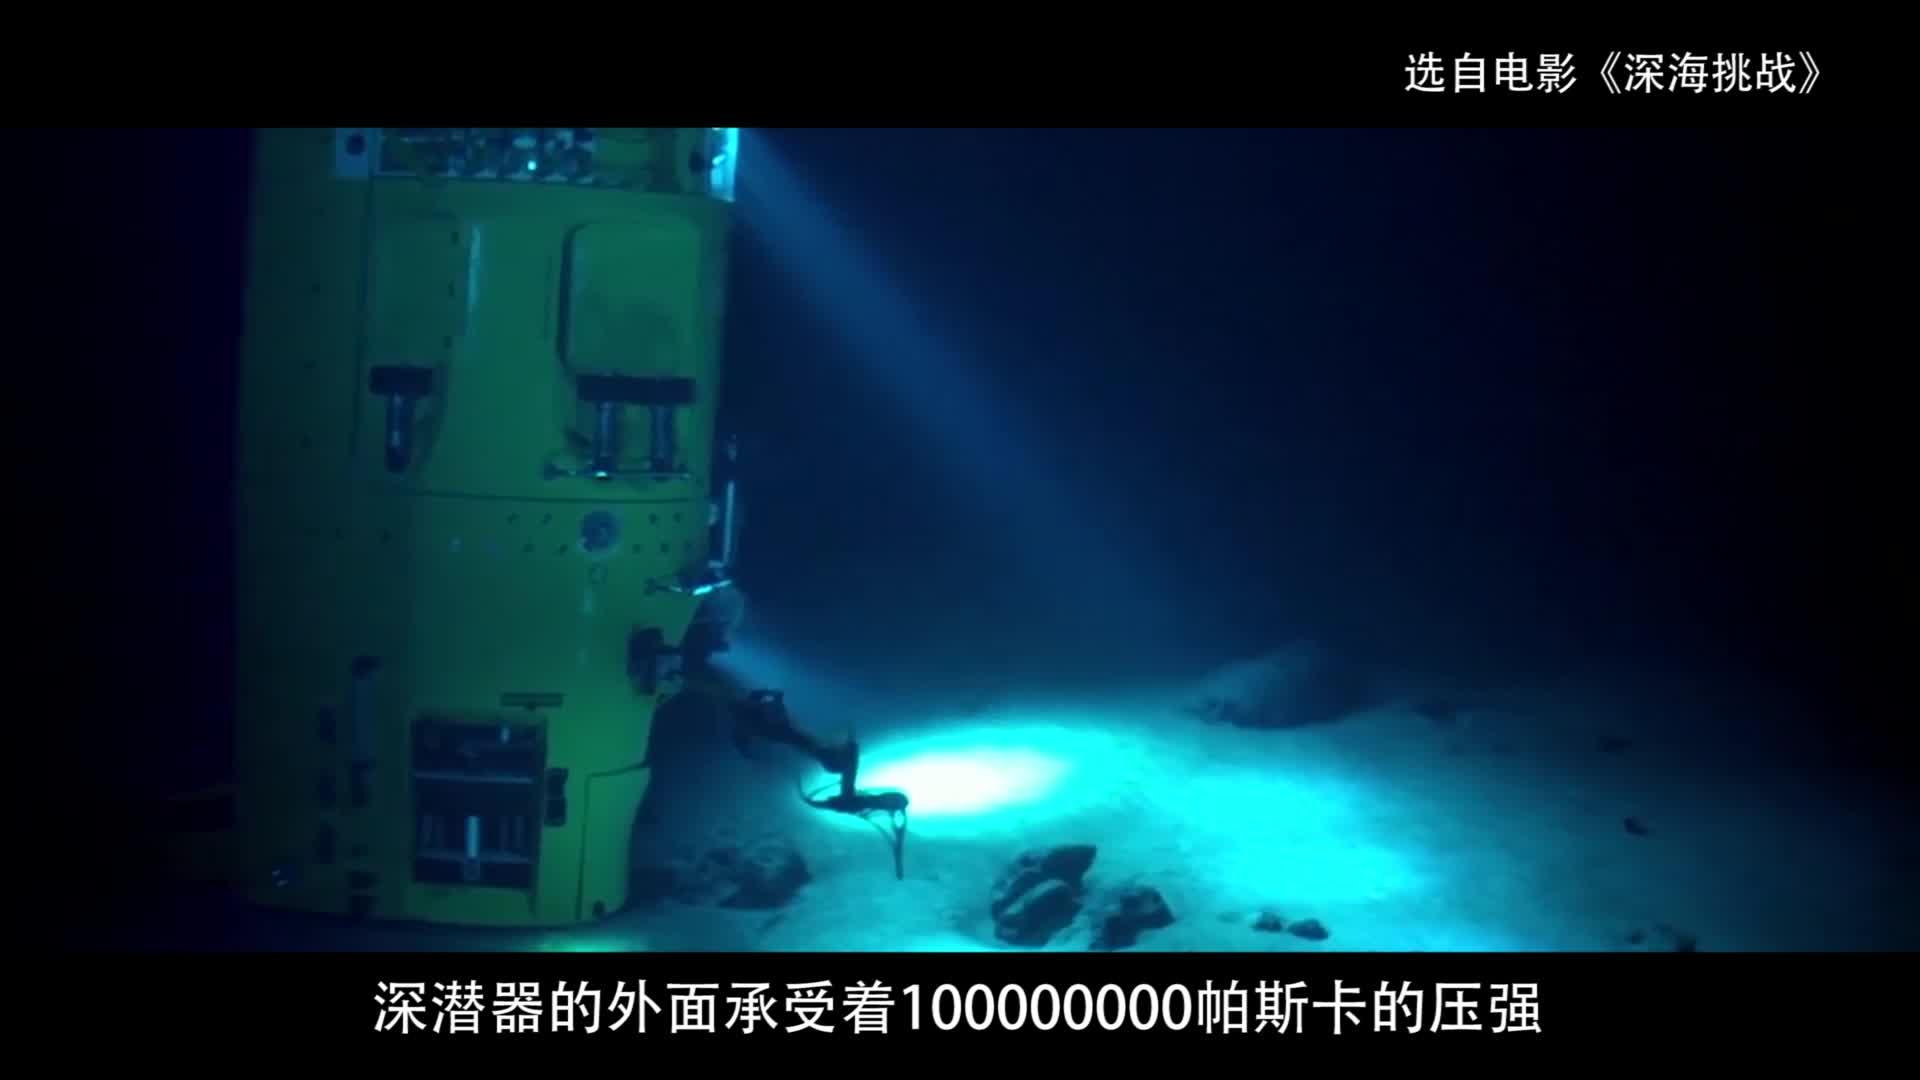 《物理大师》37液体的压强-海底一万米的噩梦